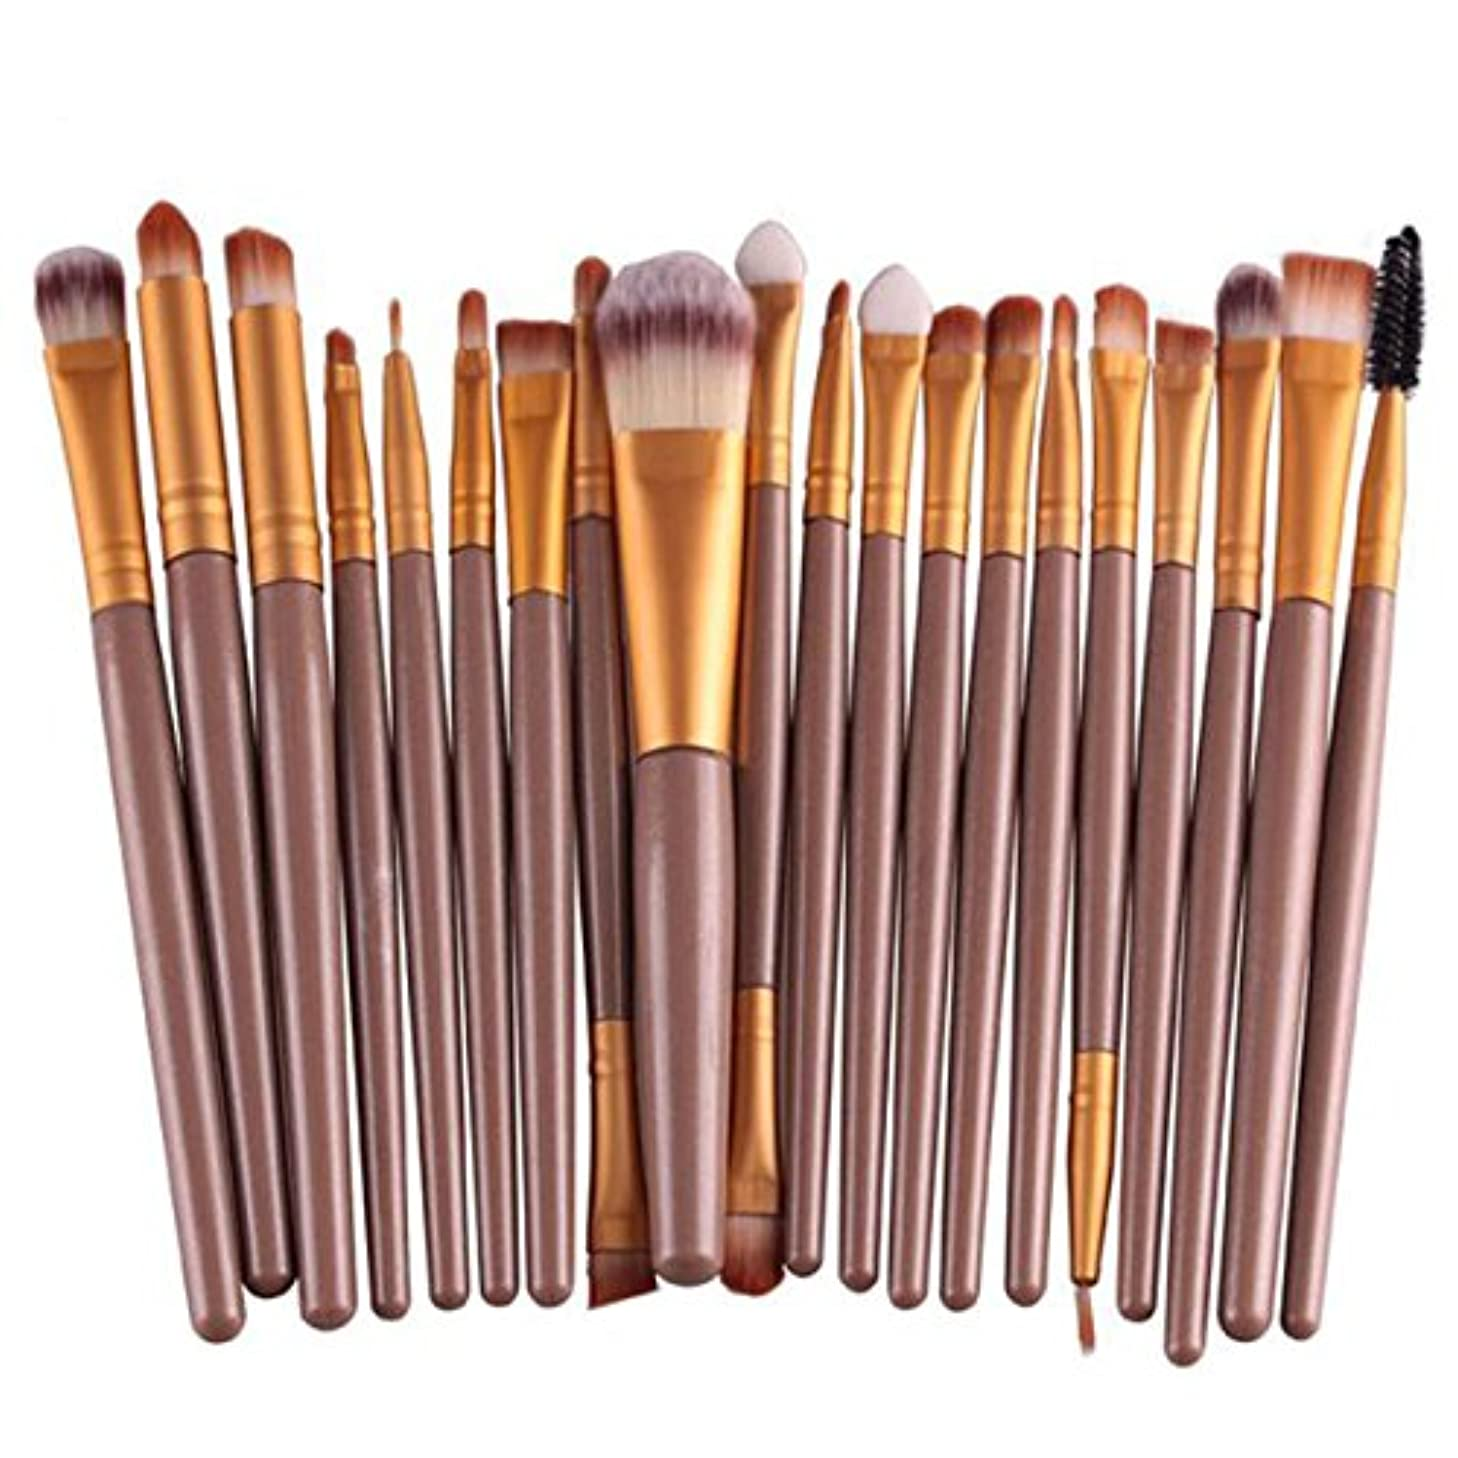 カリキュラムポルティコ魔女Professional 20pcs/set makeup brushes Foundation Powder Eyeshadow Blush Eyebrow Lip brush cosmetic tools maquiagem